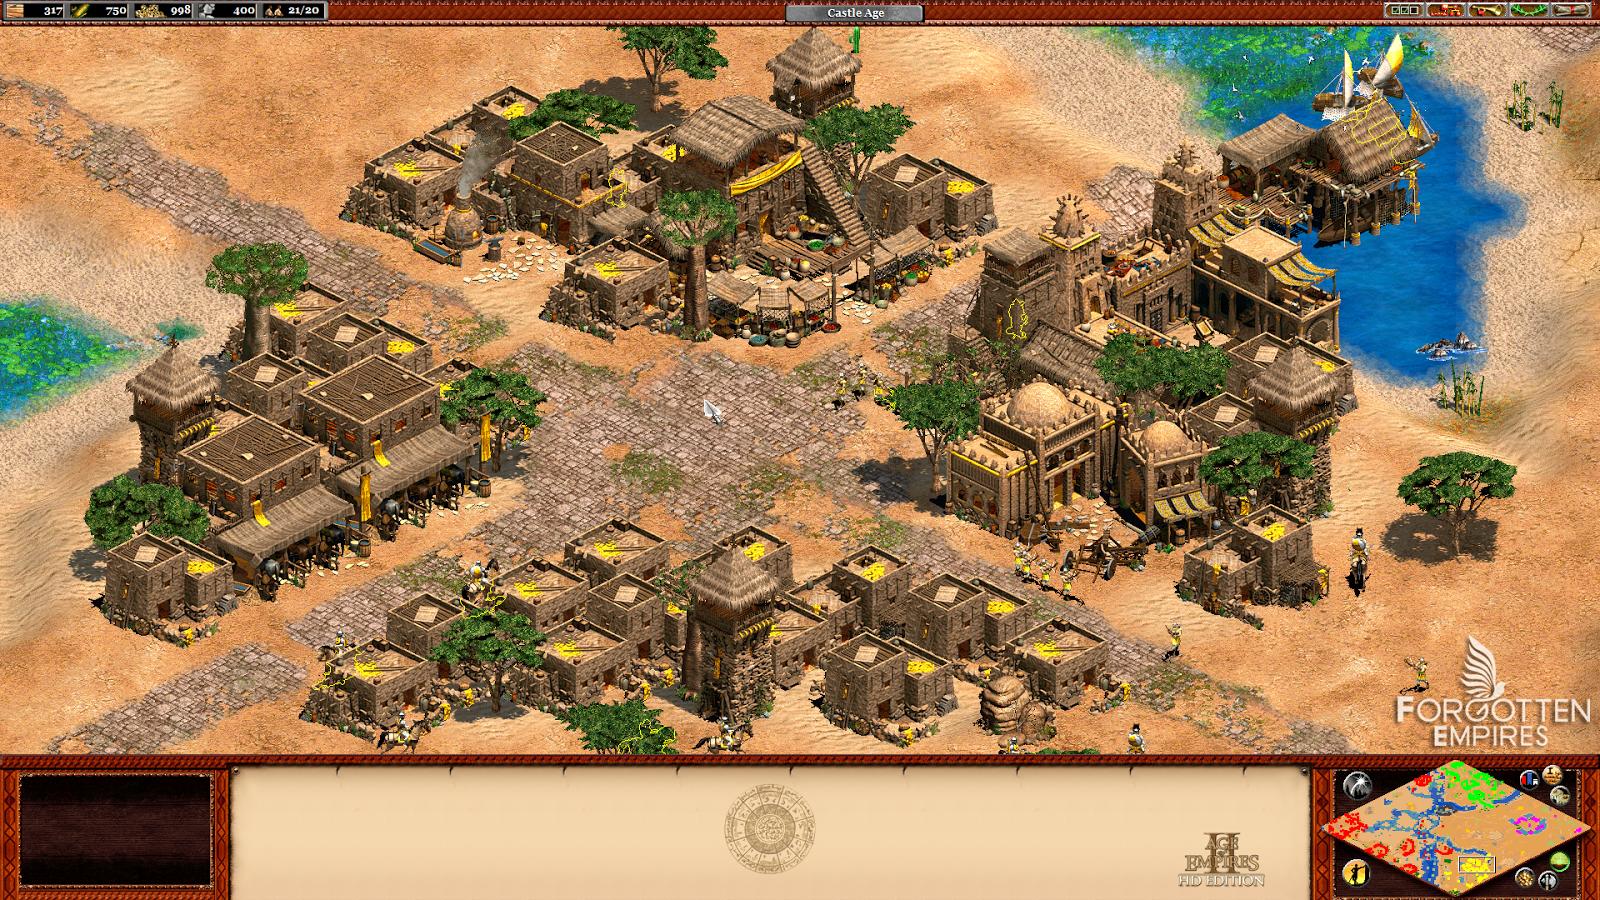 Age of empires 2 descargar gratis en español completo para pc